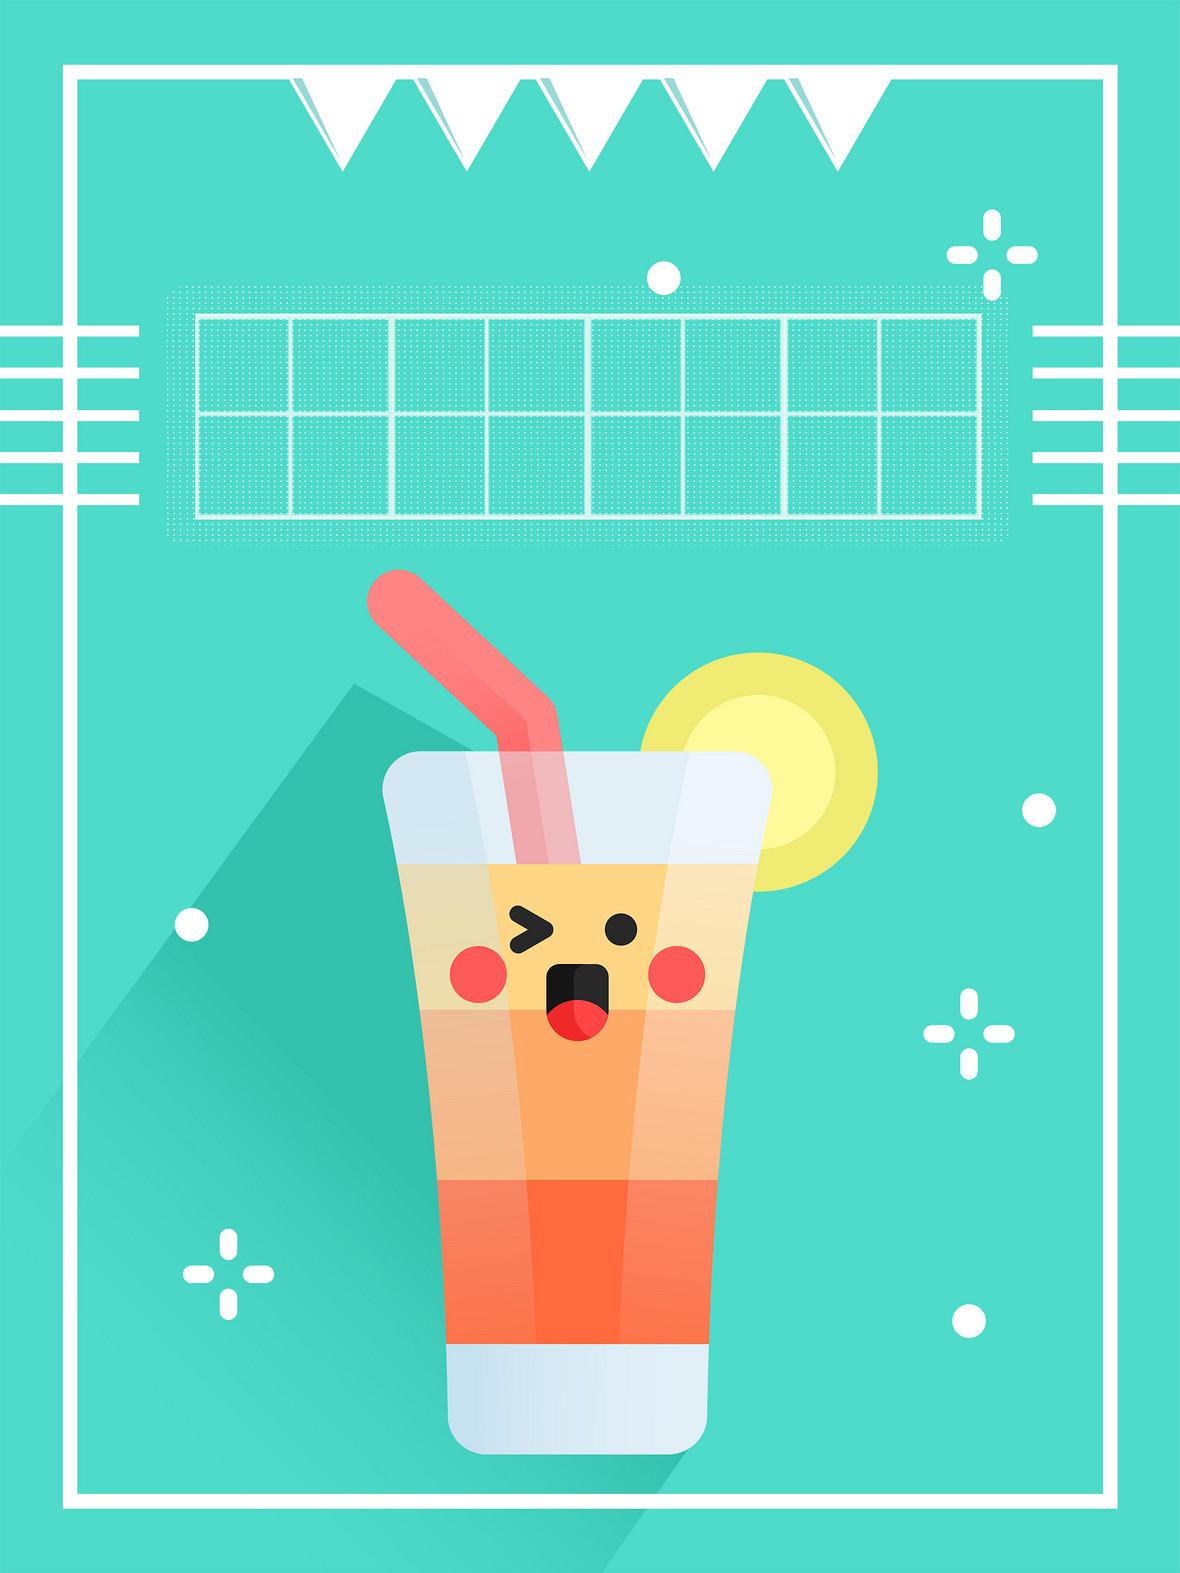 青色矢量卡通夏日饮品海报背景素材